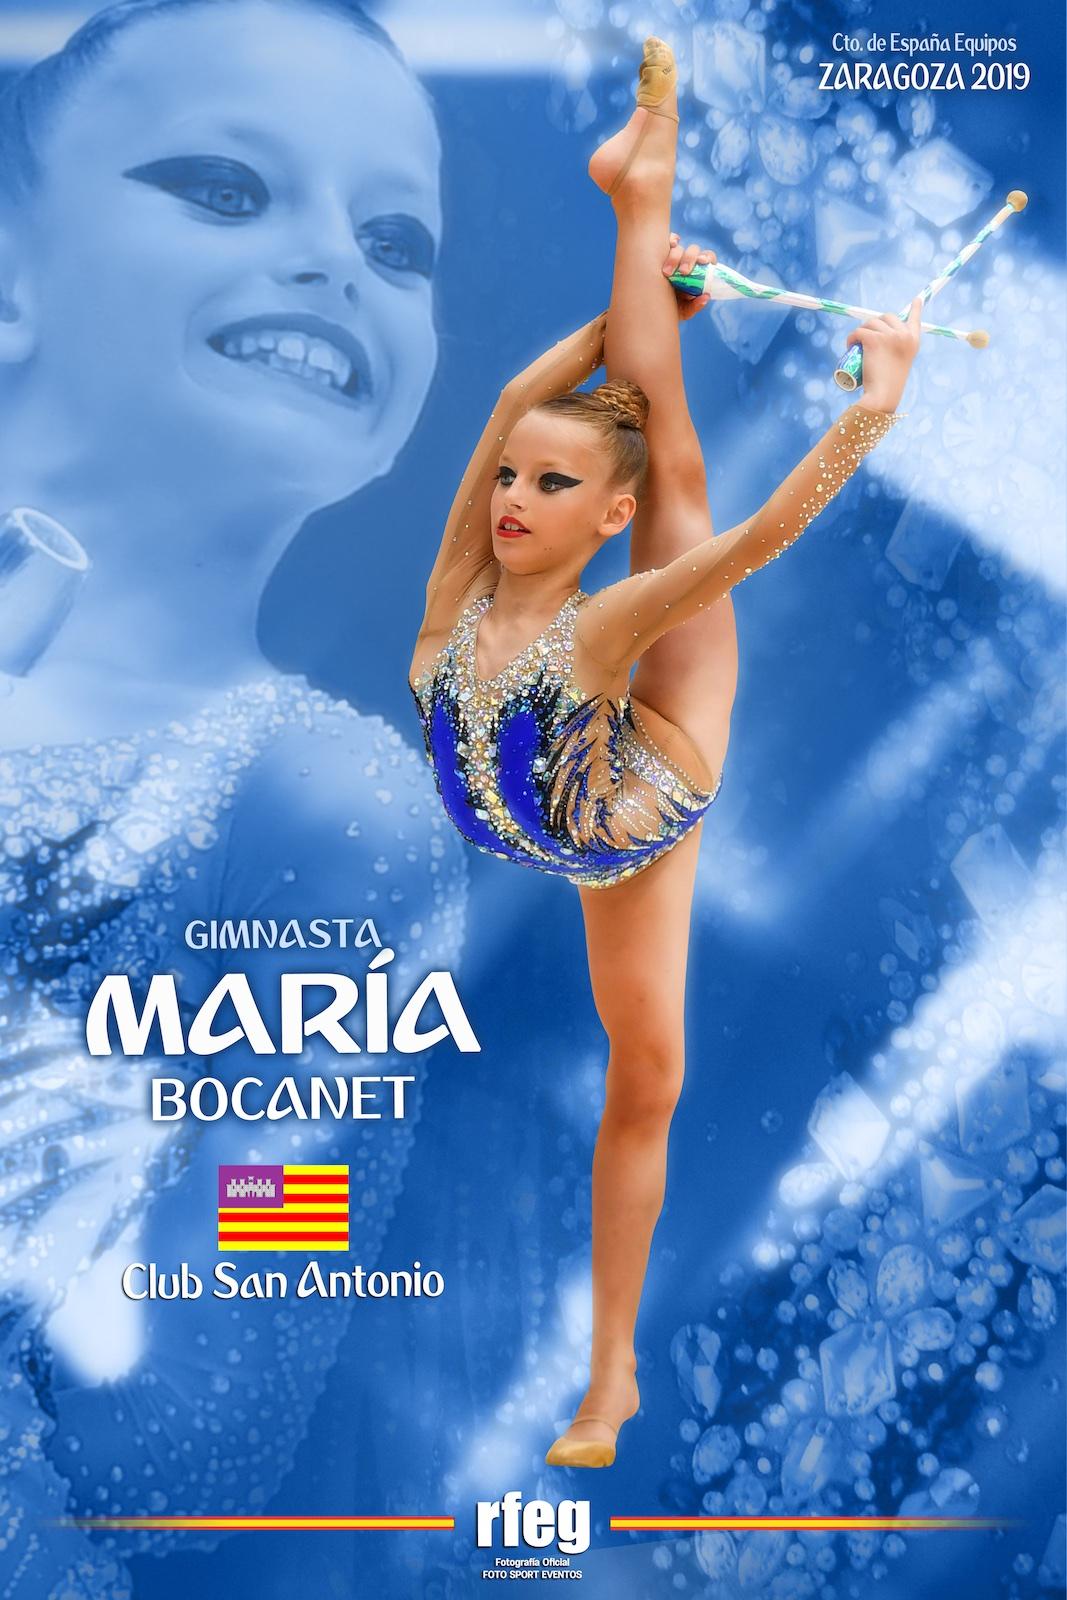 MARIA BOCANET